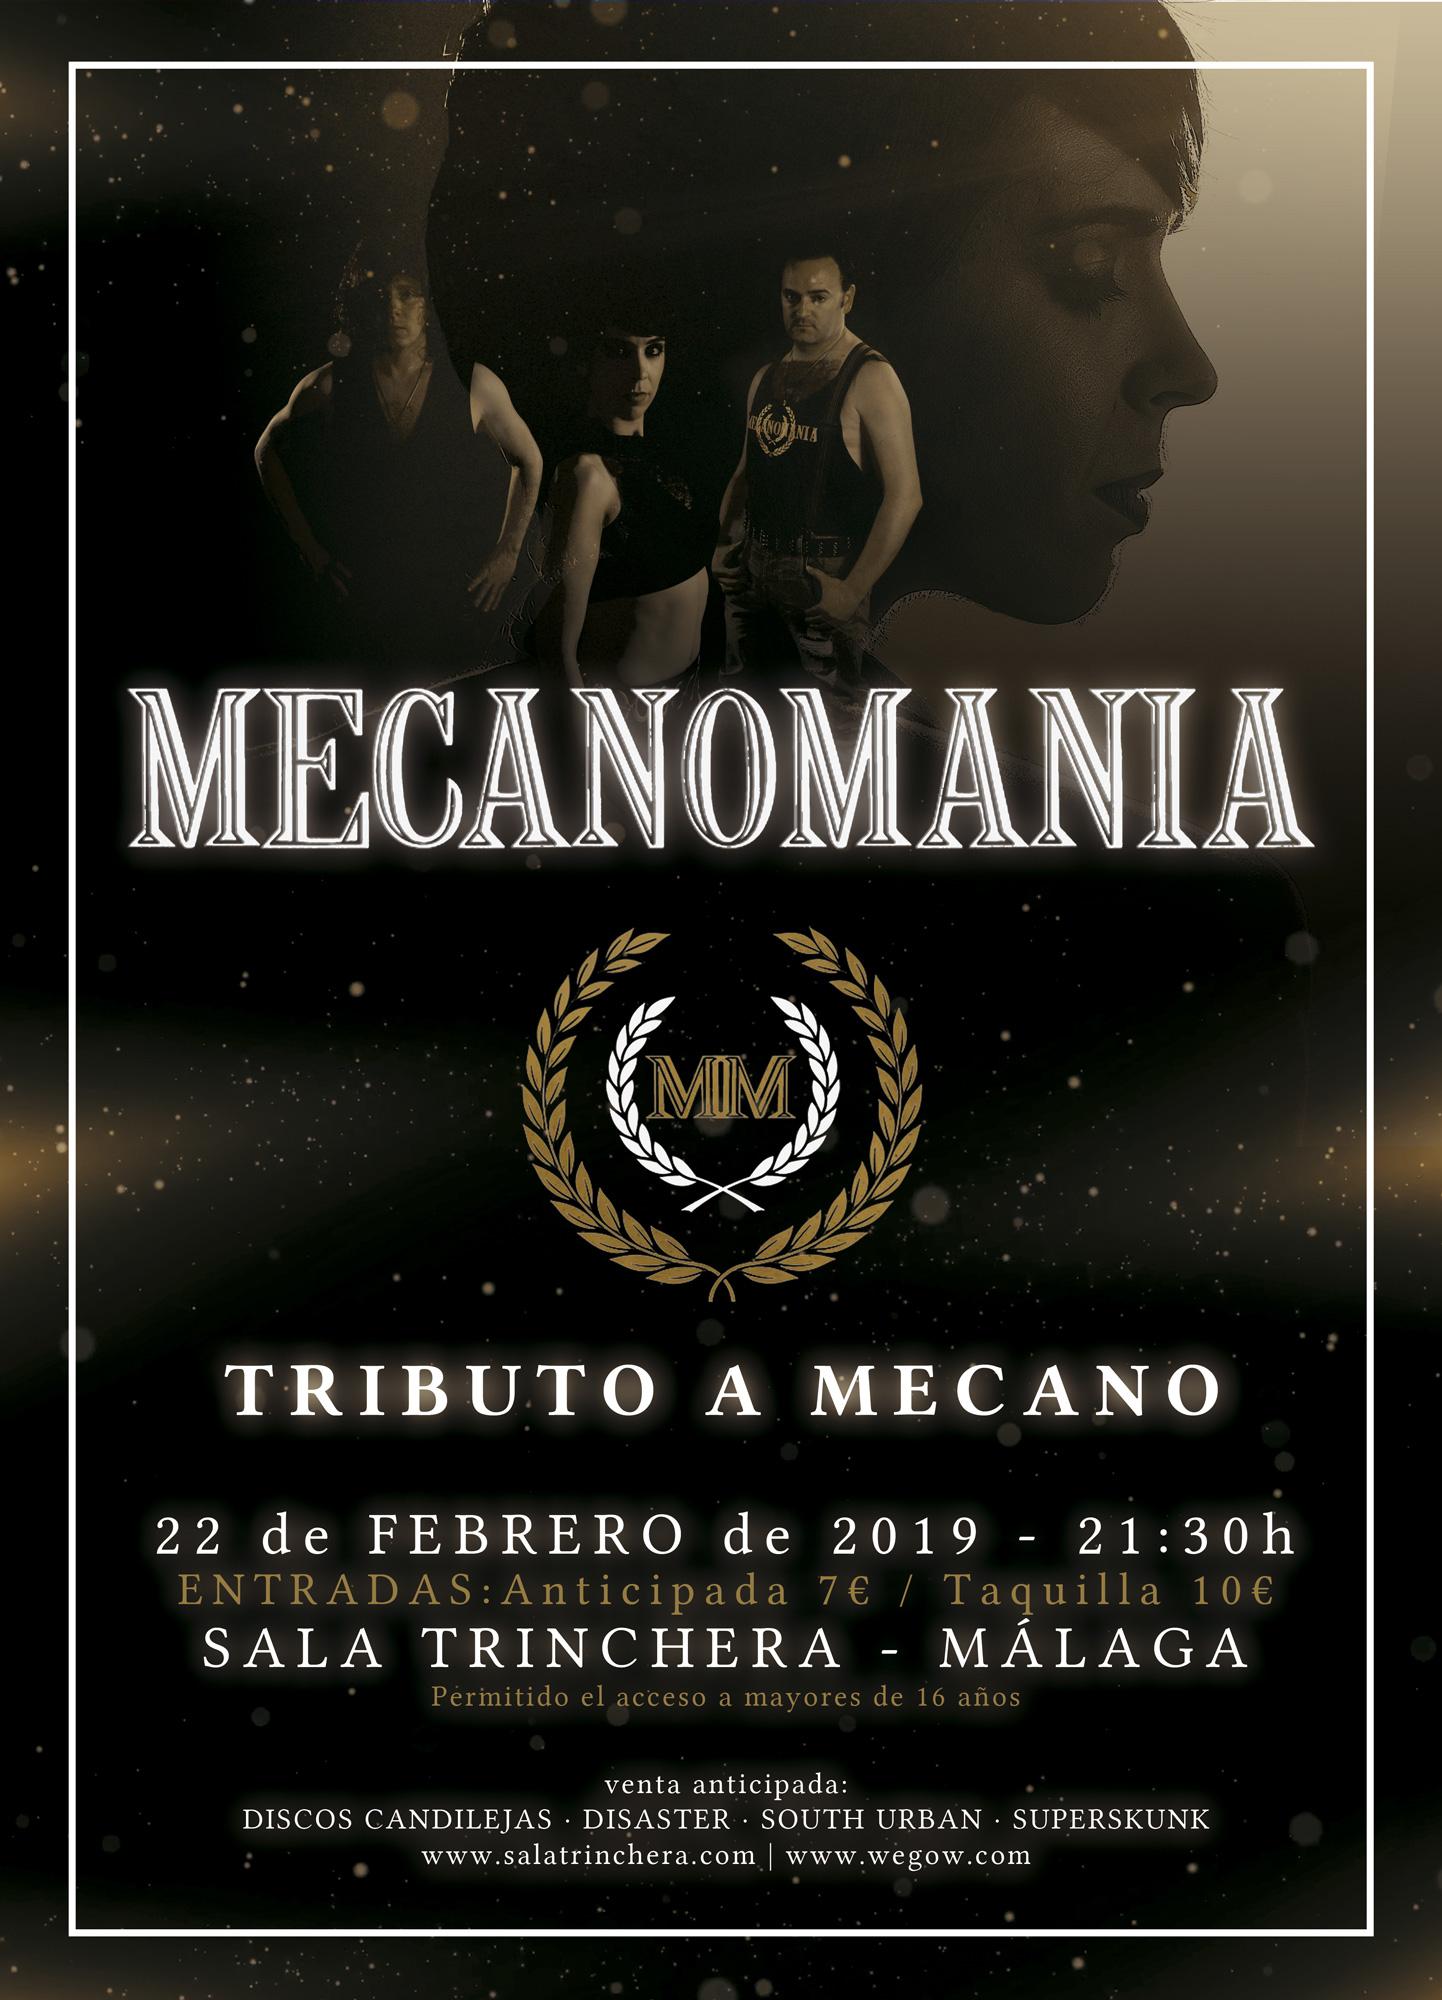 Mecanomanía (Tributo a Mecano) en La Trinchera